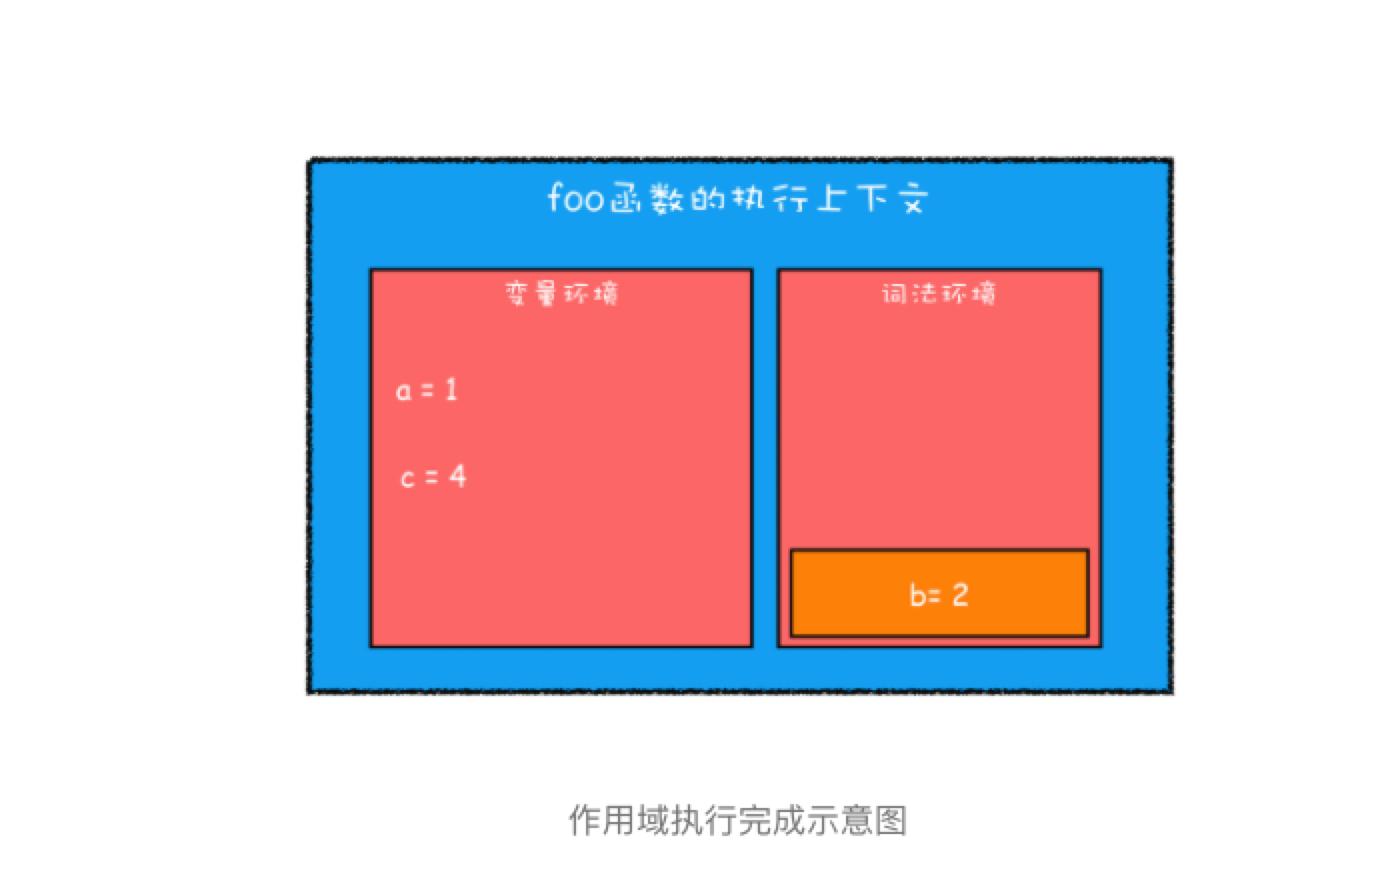 image-20200602094822065